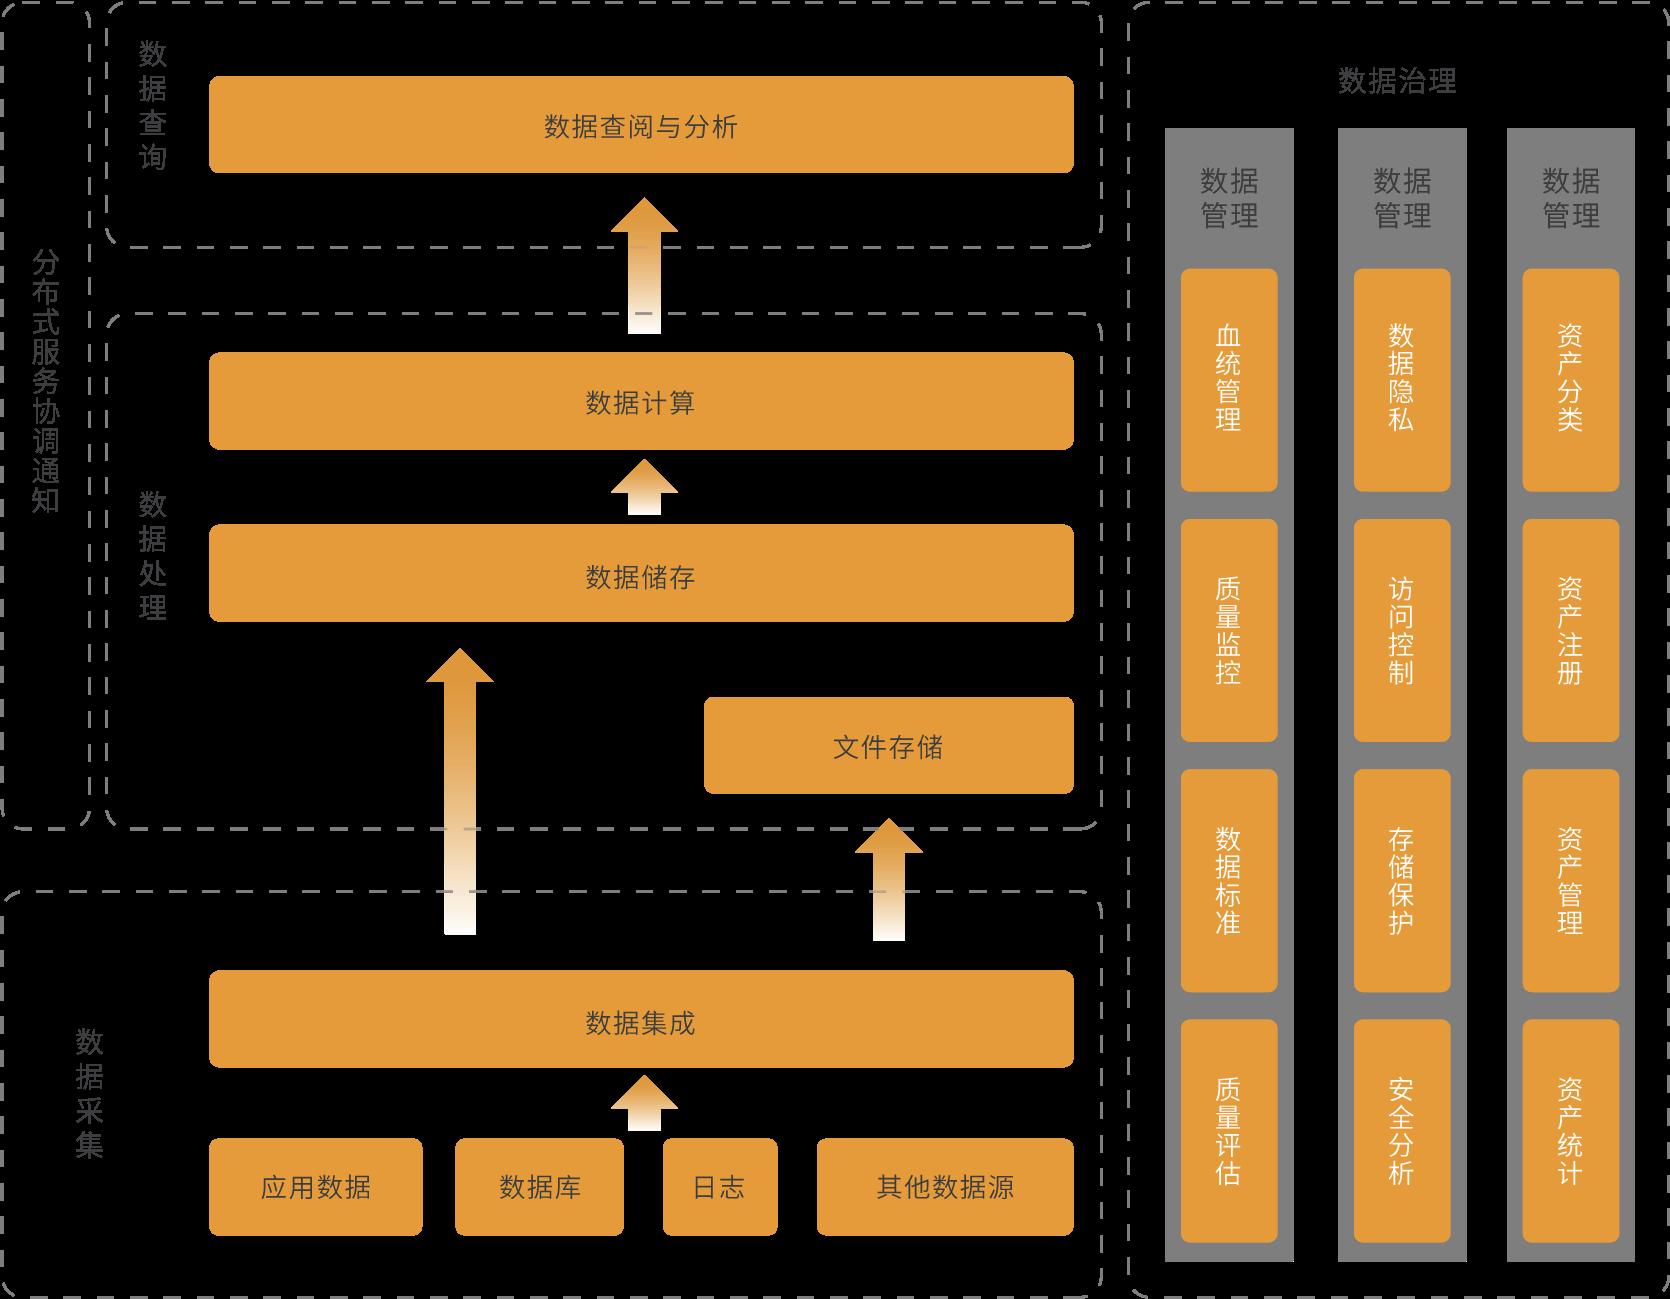 数据治理架构